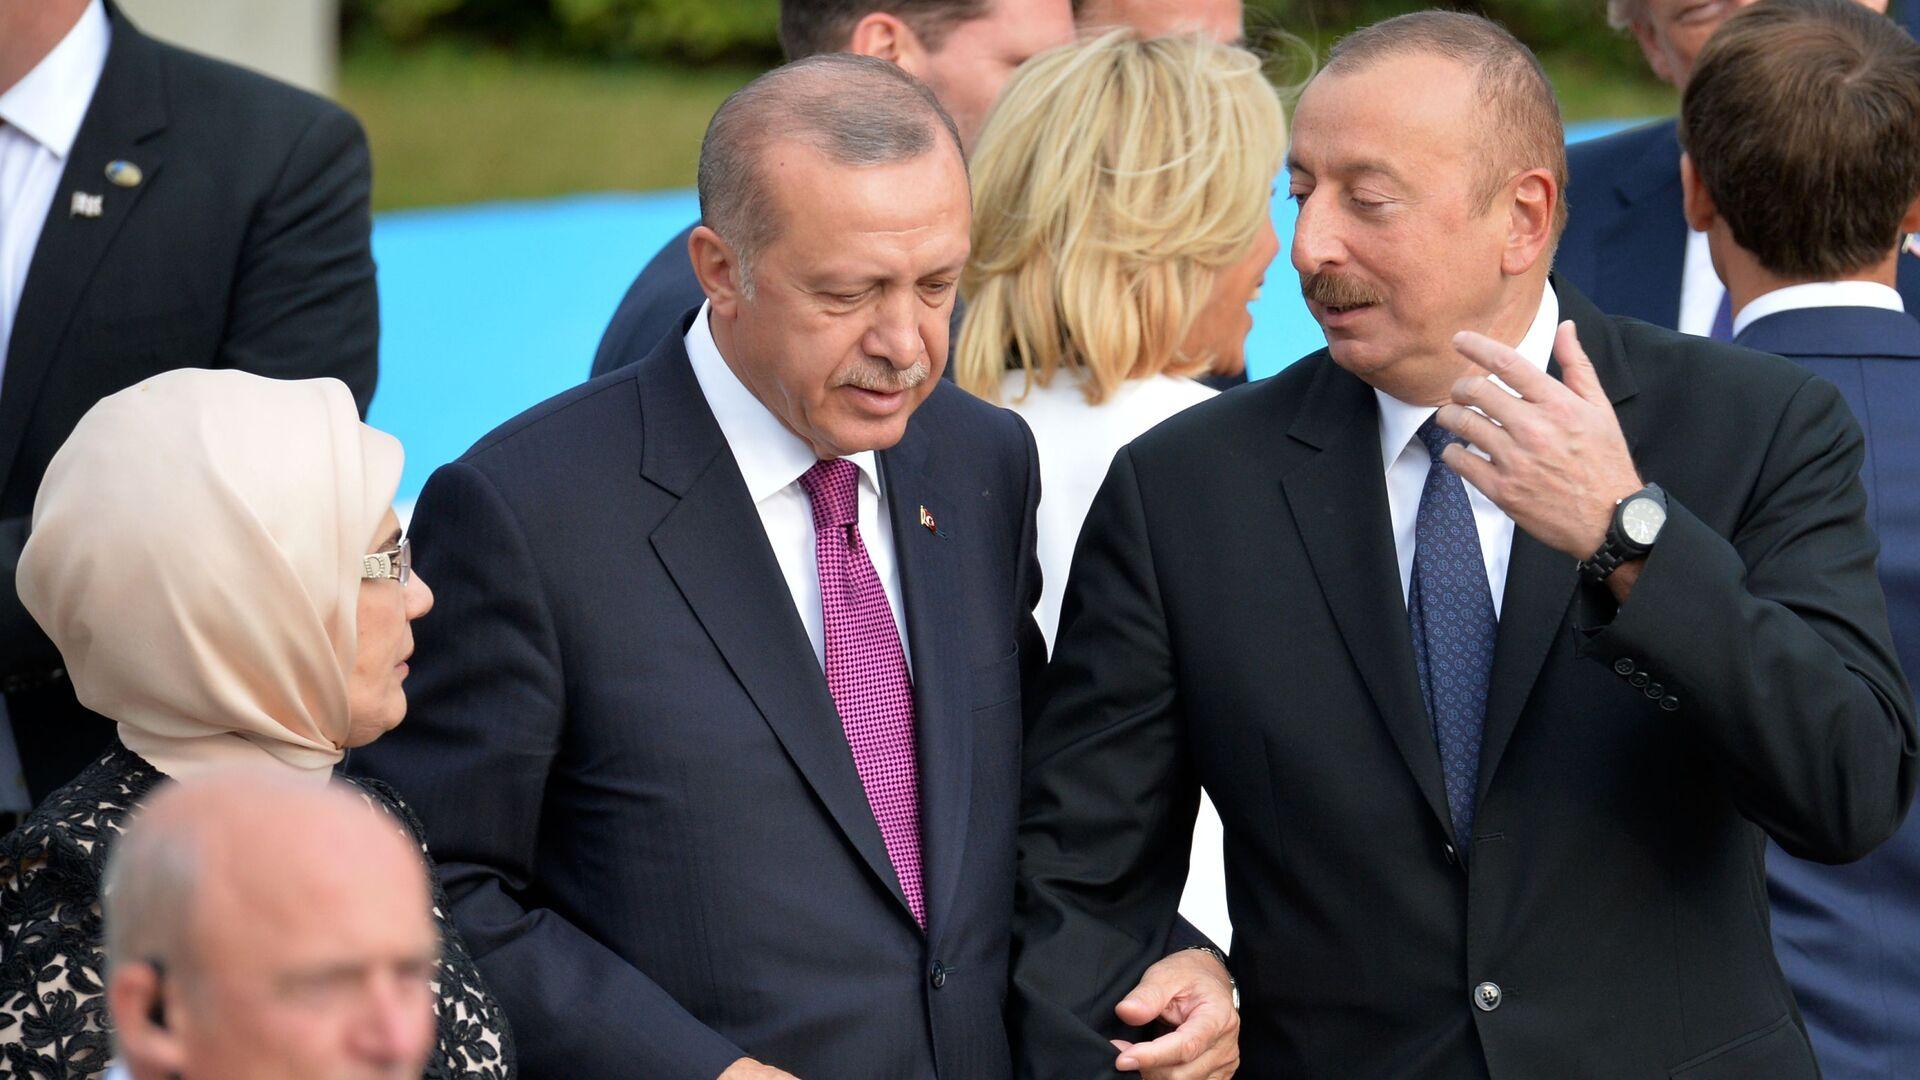 Президент Турции Реджеп Тайип Эрдоган и президент Азербайджана Ильхам Алиев (справа) на саммите НАТО в Брюсселе (11 июля 2018). - Sputnik Արմենիա, 1920, 20.07.2021